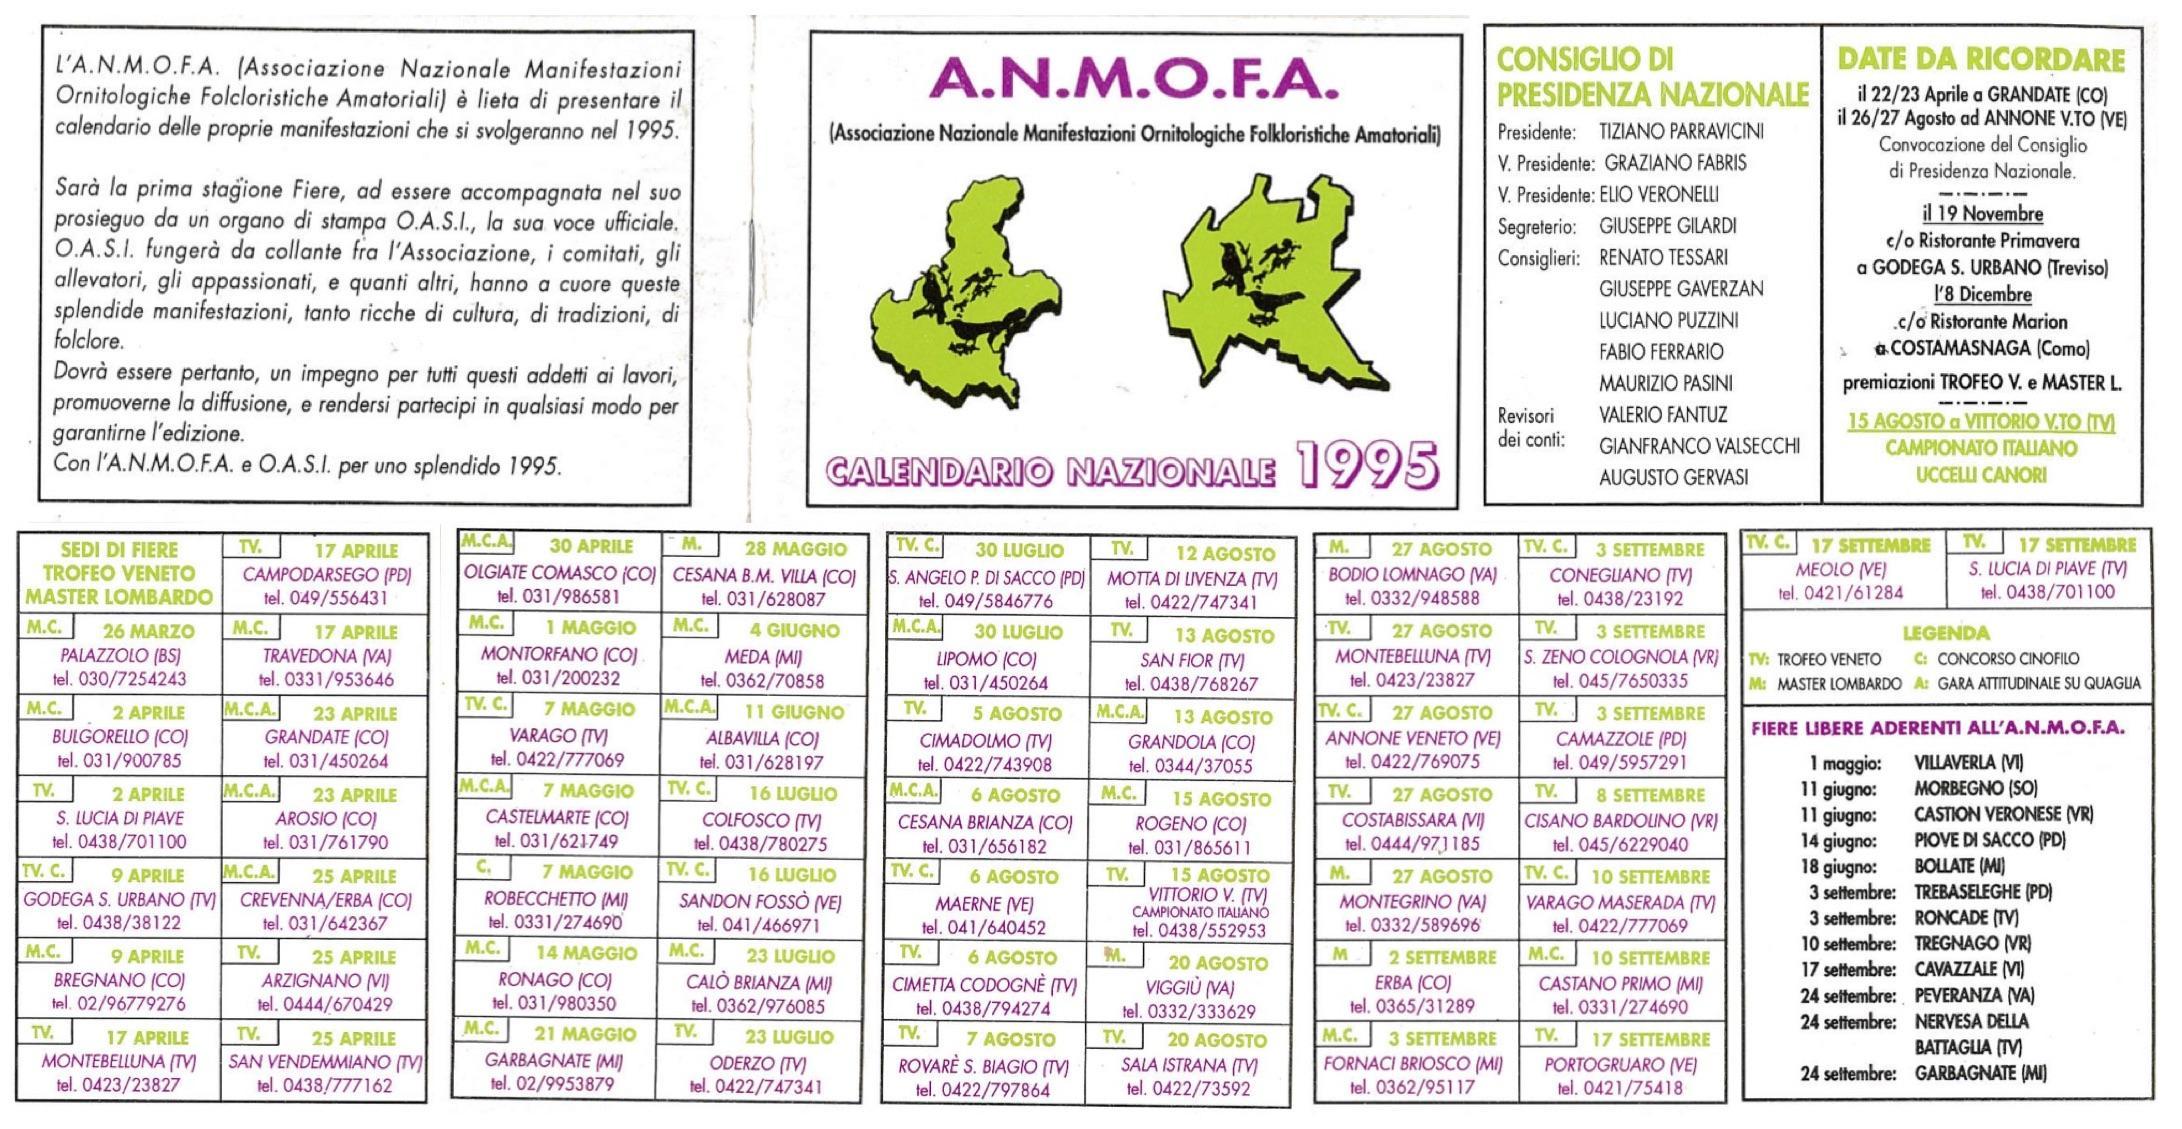 Fiera Erba Calendario.Associazioni Ornitologiche Riunite Fiere Uccelli